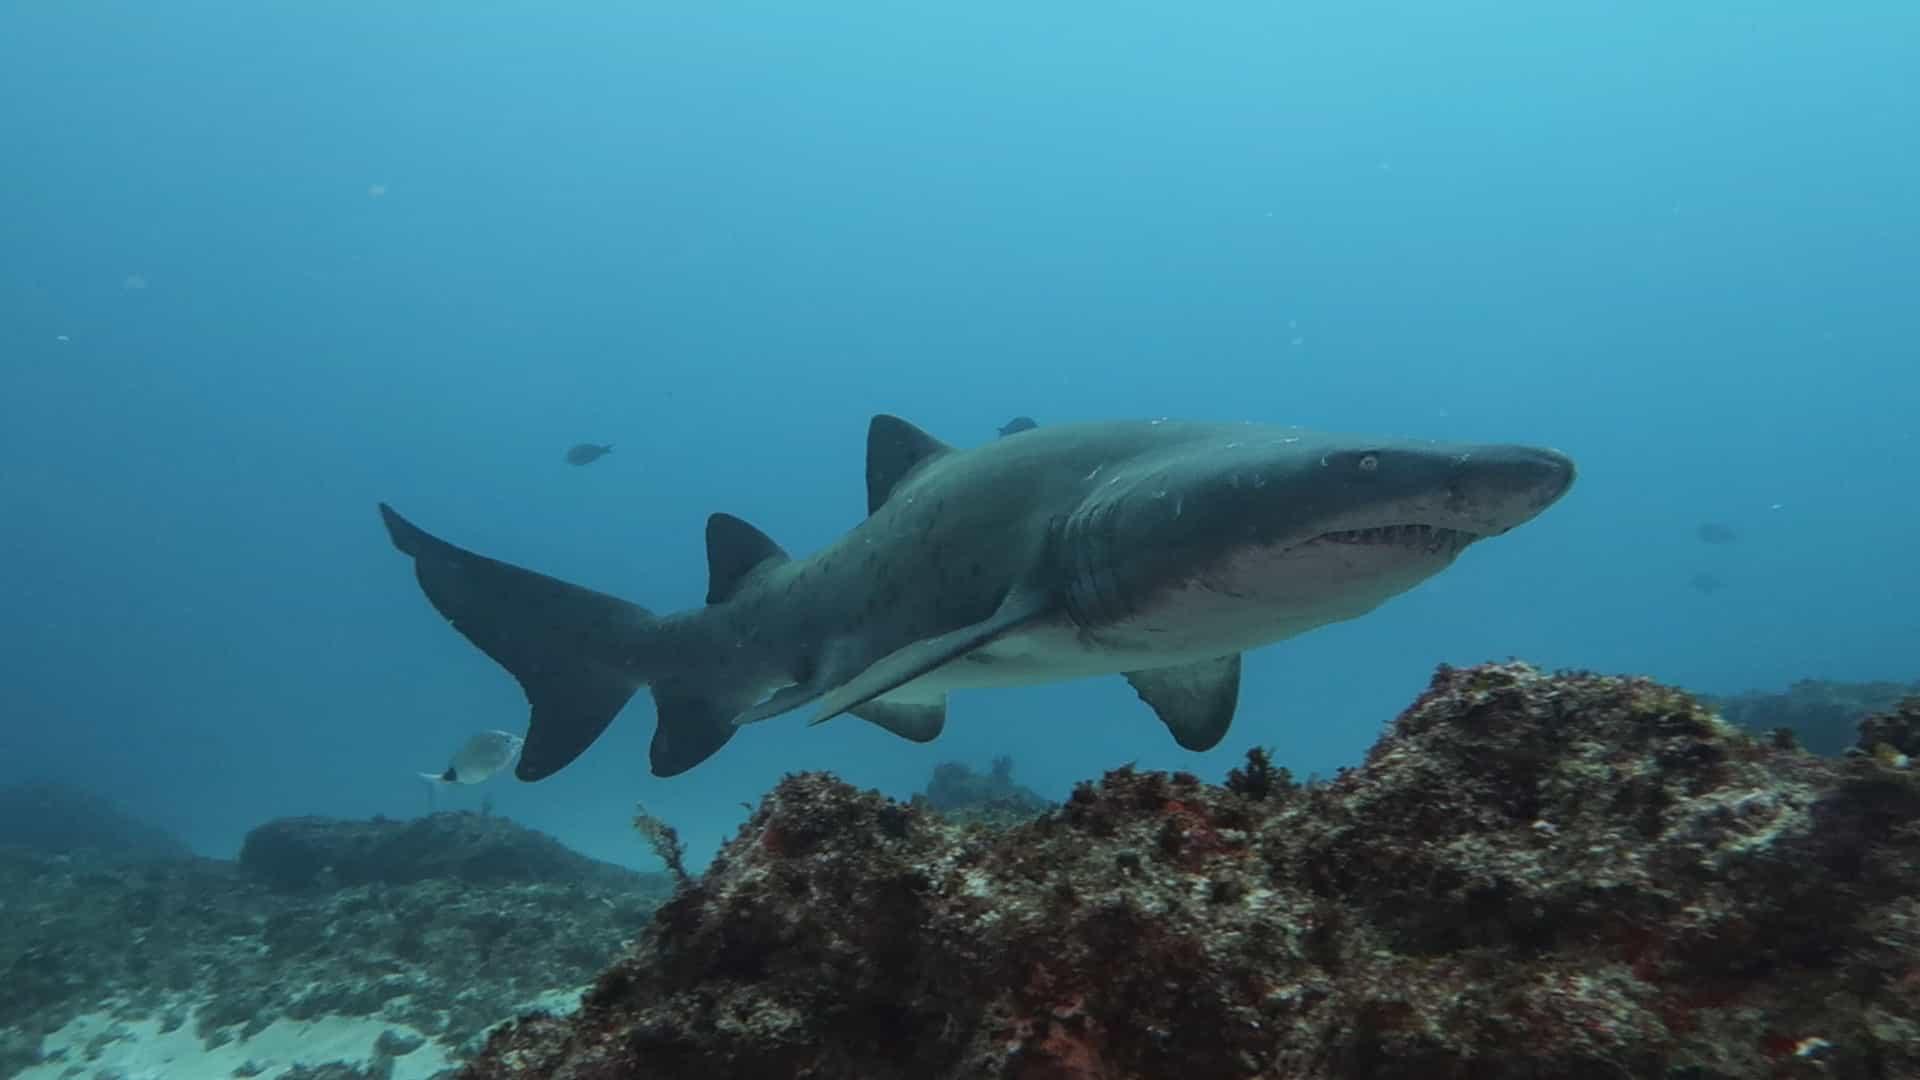 Tubarão nada próximo a mergulhador na África do Sul; veja